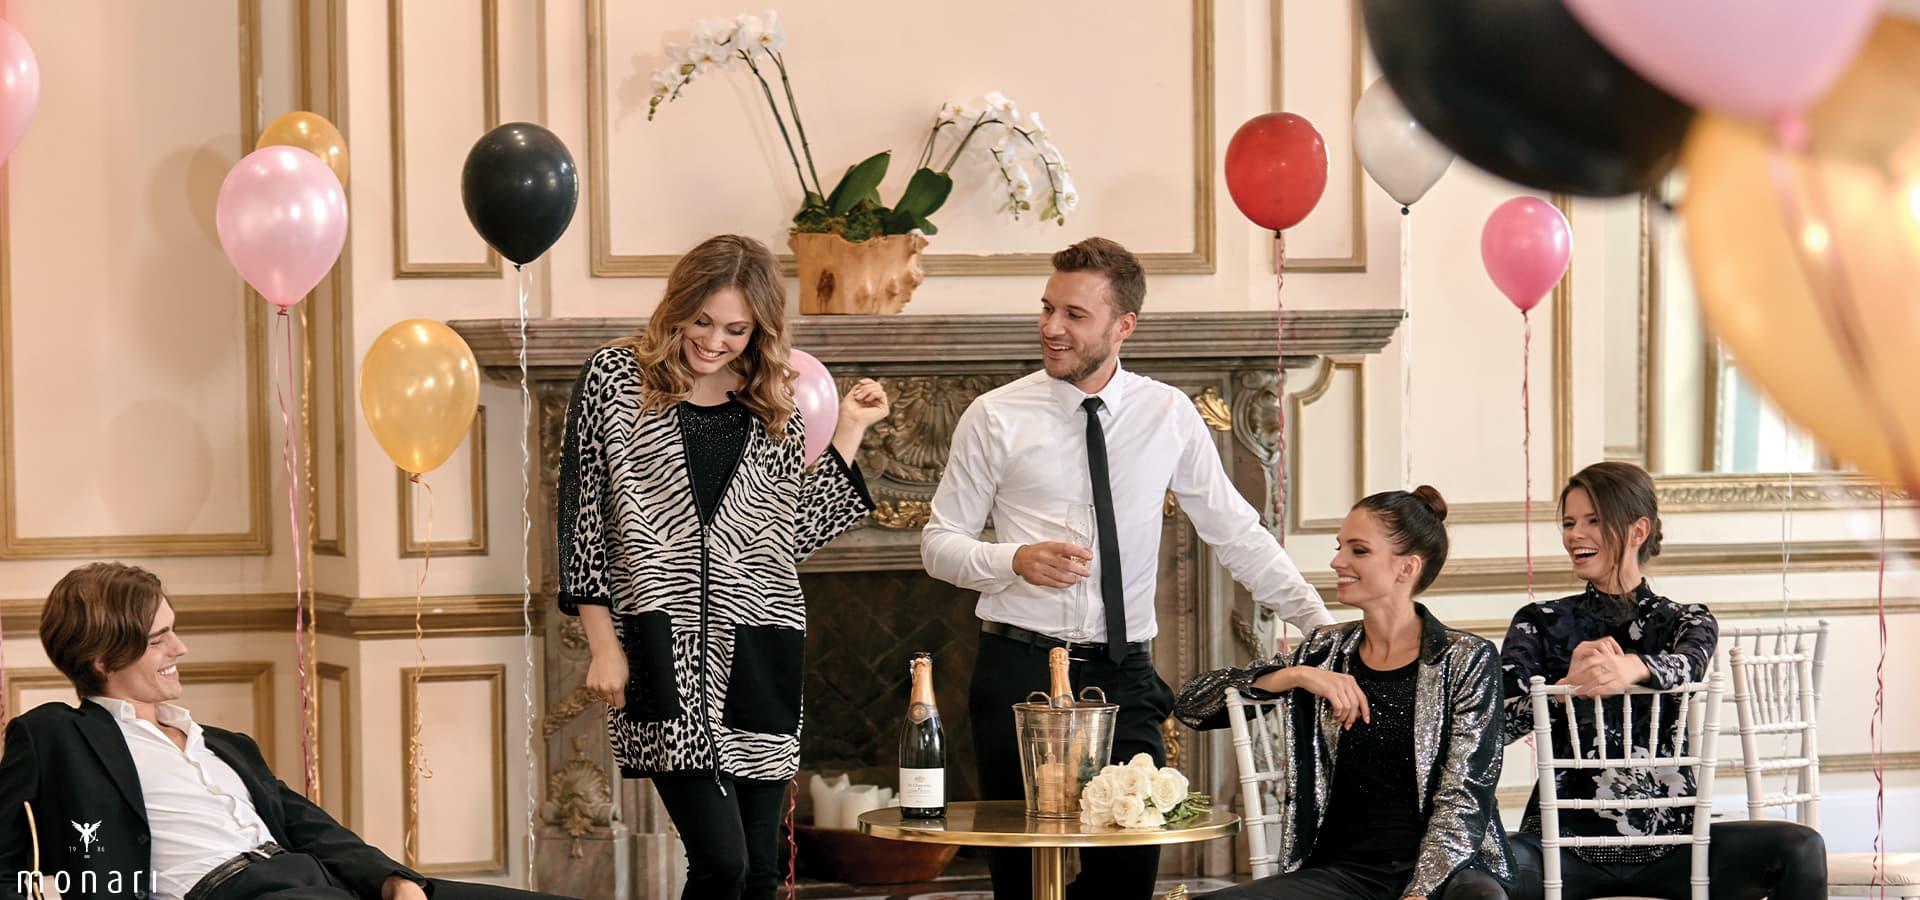 mode, trends und service - modehaus kressmann in hildesheim